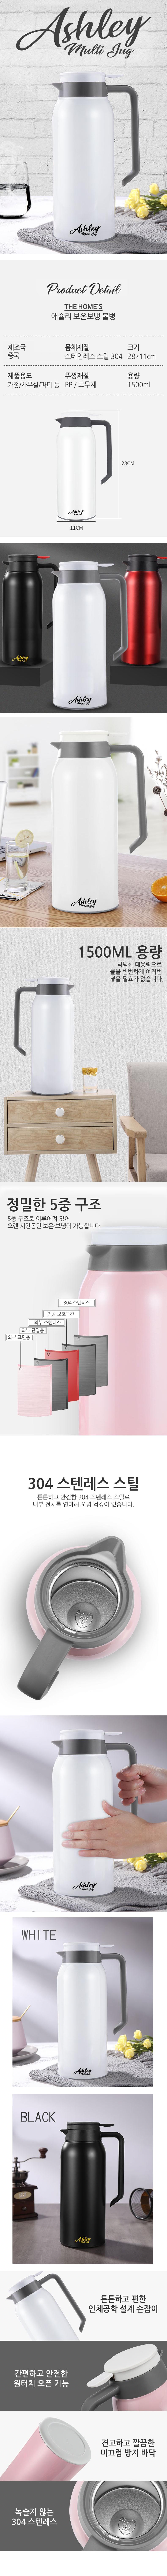 애슐리 보온보냉 물병 1500ml - 더홈스, 21,900원, 보틀/텀블러, 키친 물병